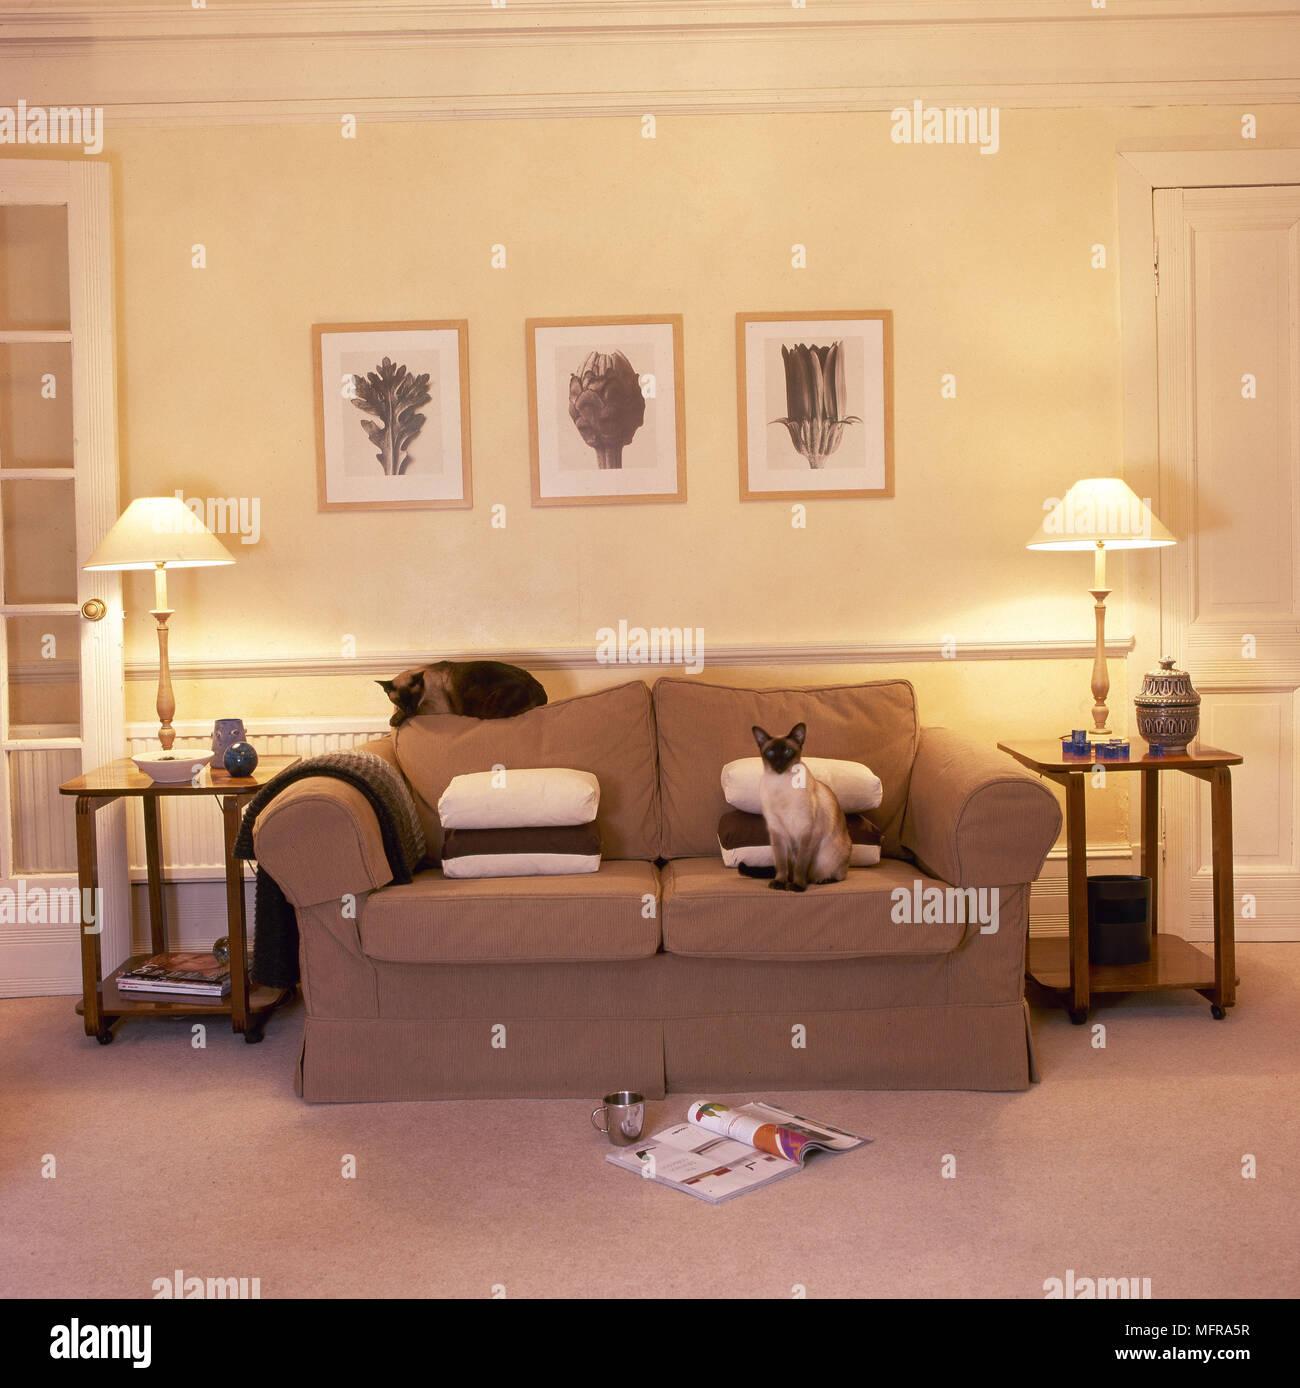 Wohnzimmer blassgelben Wänden bequemes Sofa paar Leuchten Lampen mit ...